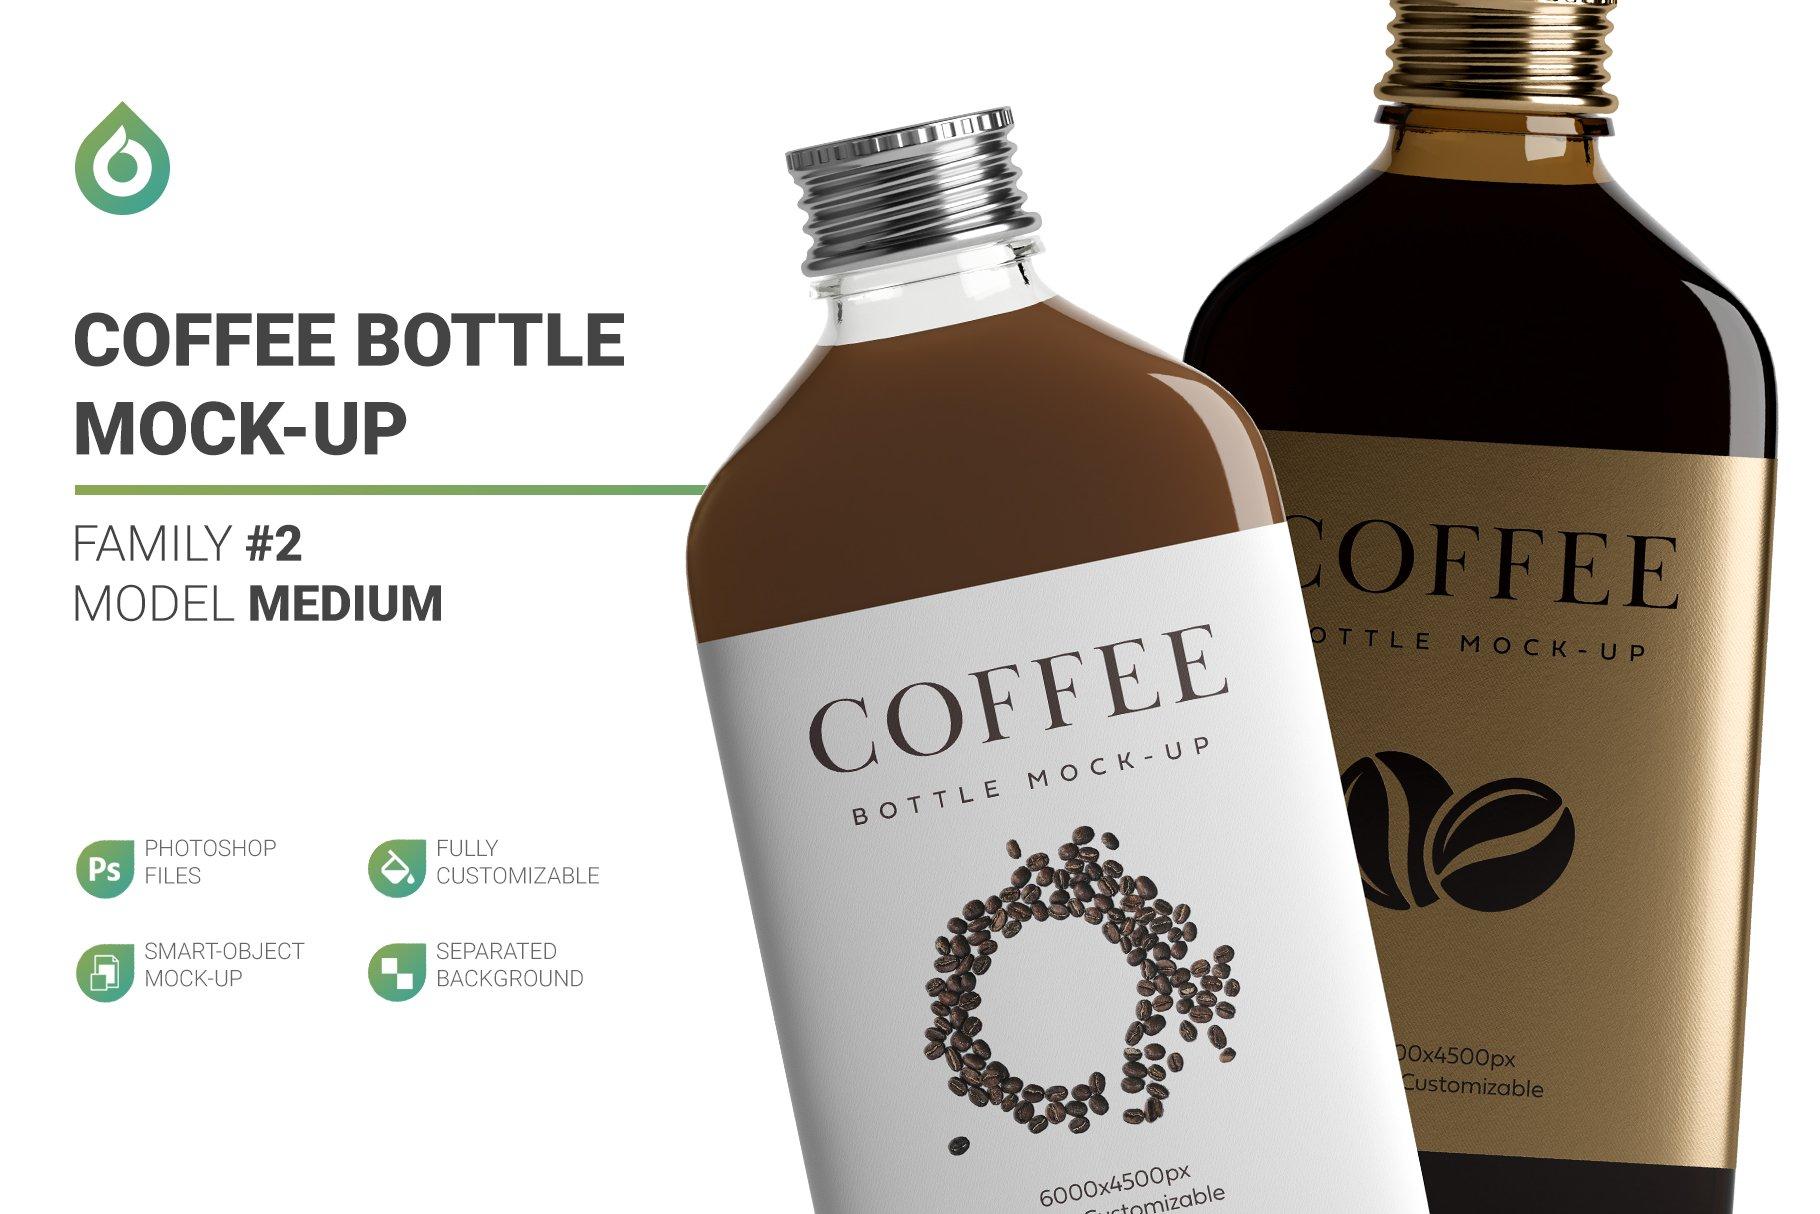 冷冲泡咖啡玻璃瓶标签设计展示贴图样机 Coffee Bottle Mockup插图